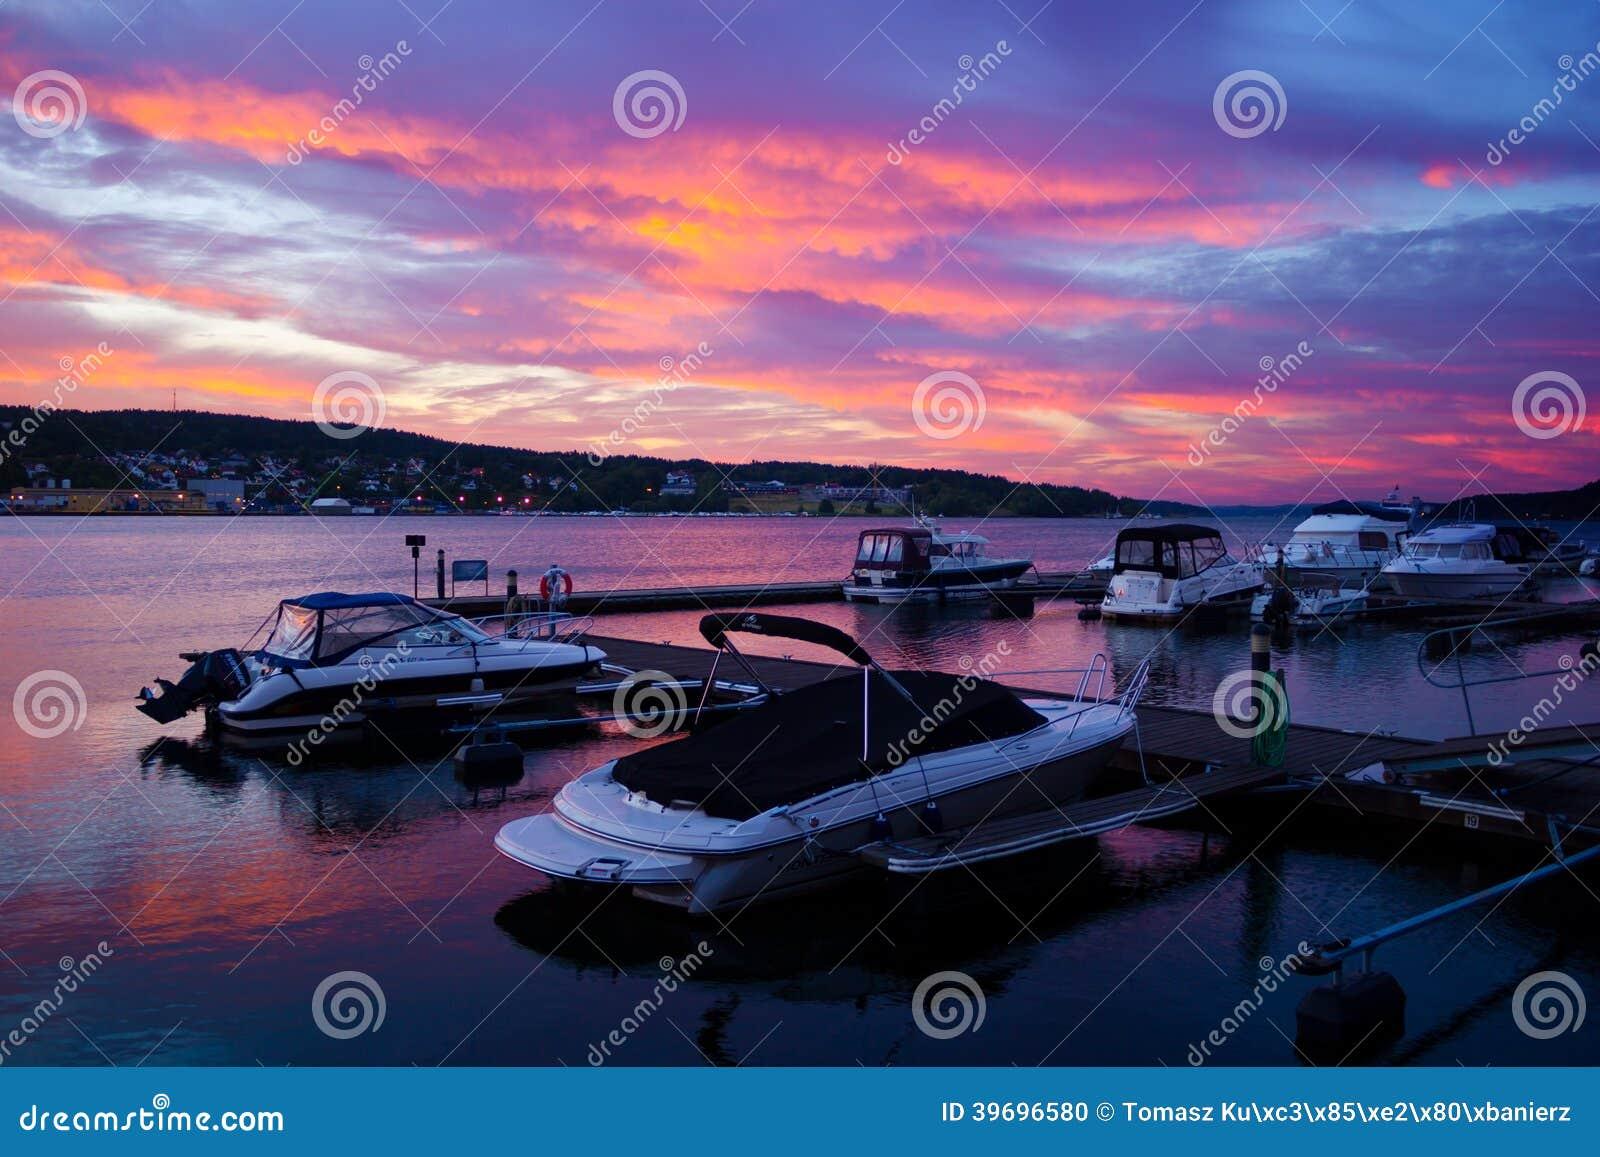 Schöne Aussicht des kleinen Hafens im Moos, Norwegen.